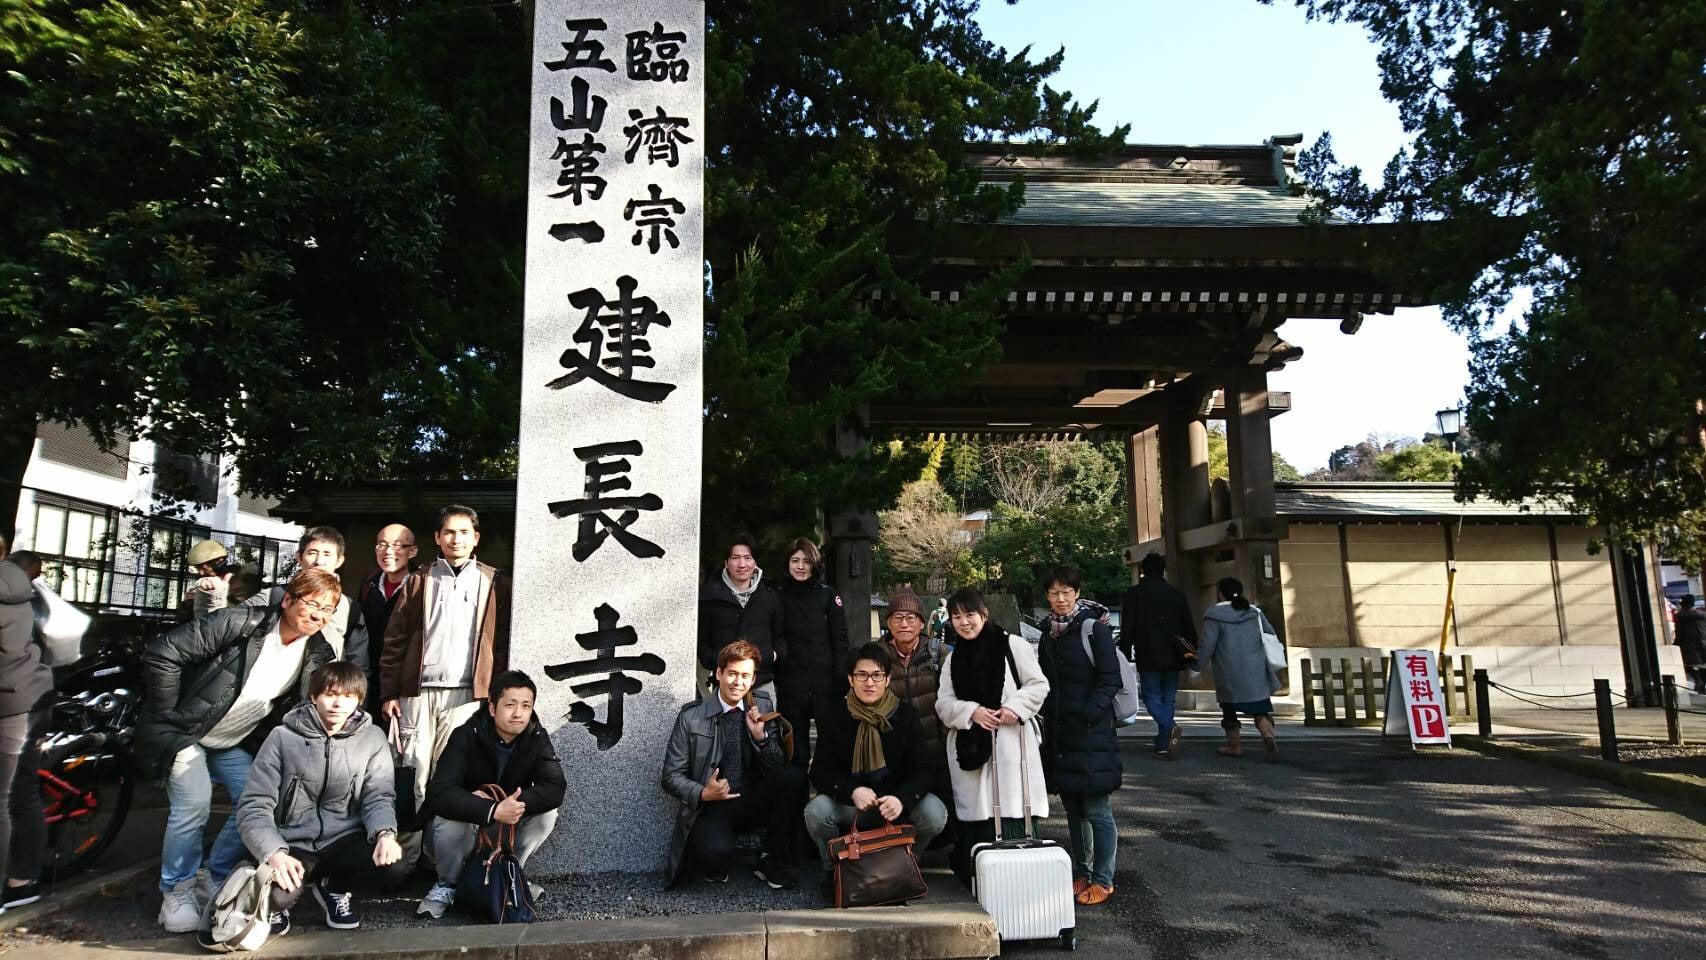 建長寺の前で幸せの定理メンバーと記念撮影